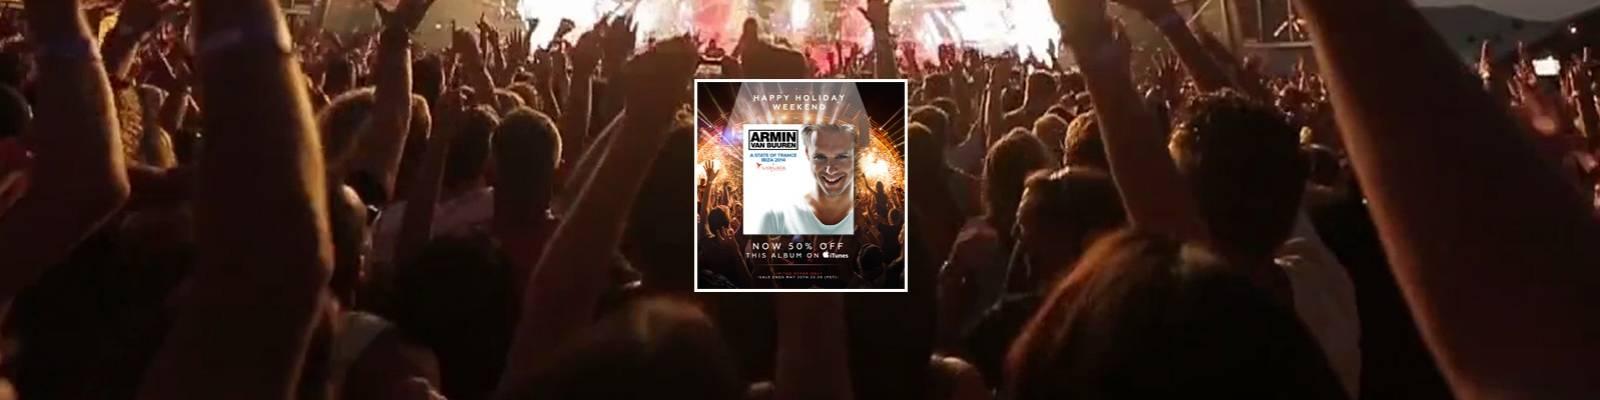 A State Of Trance at Ushuaïa, Ibiza 2014 at 50% Off!